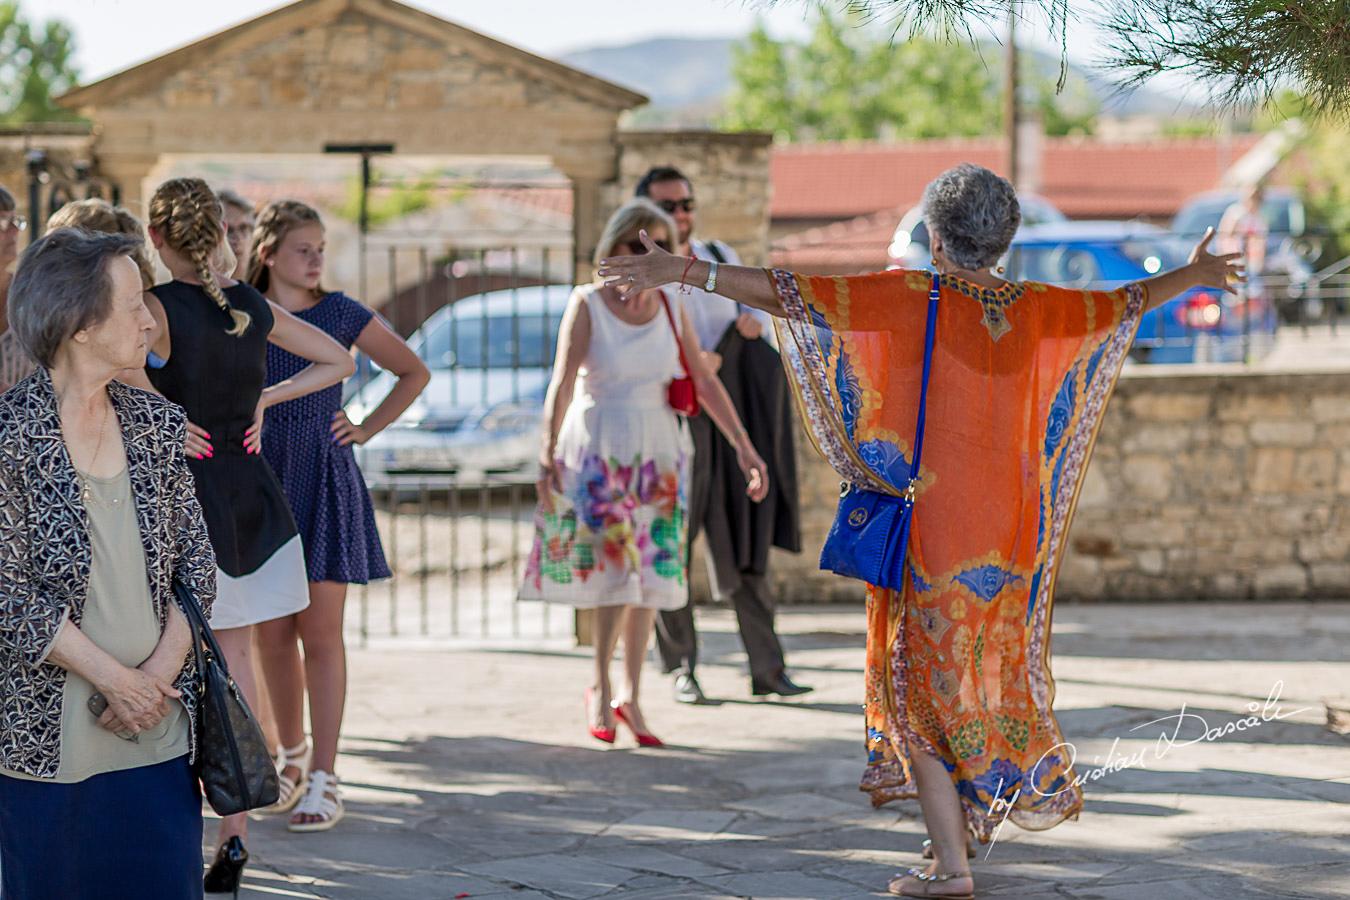 Wedding Celebration at Apokryfo - 13